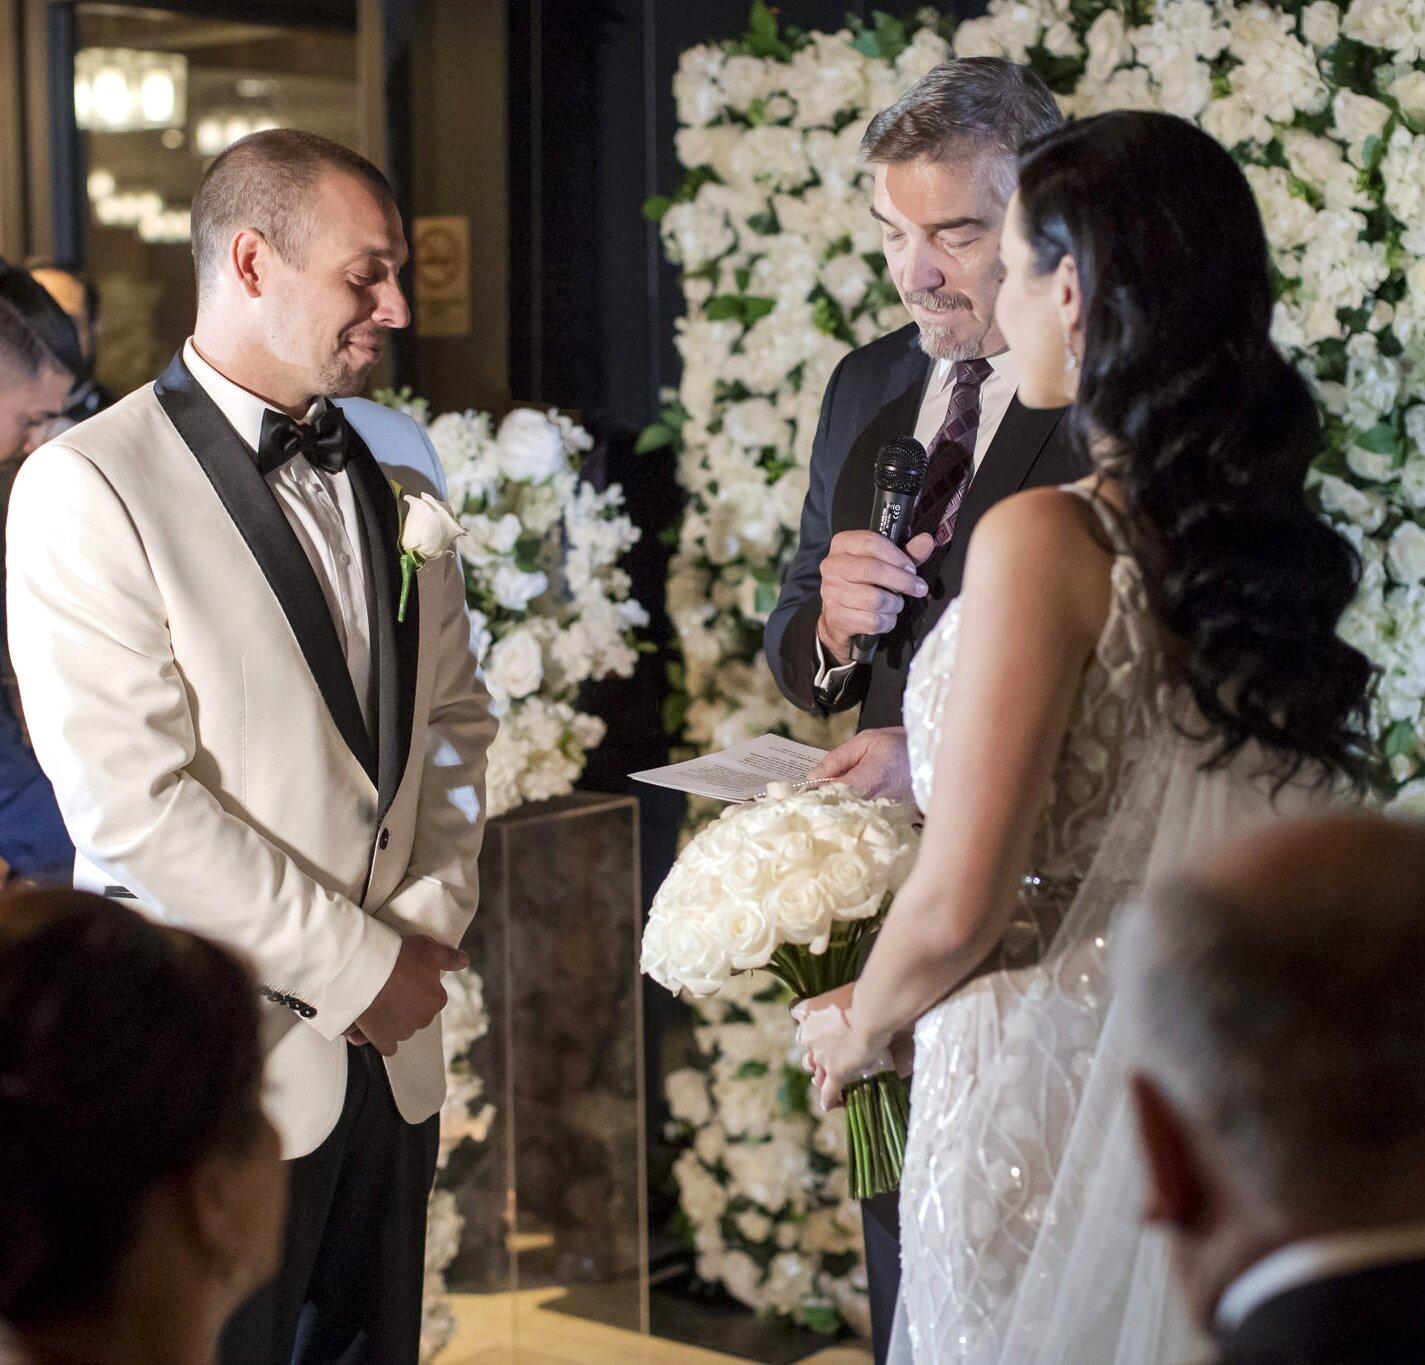 Danijela & Alan - Ceremony